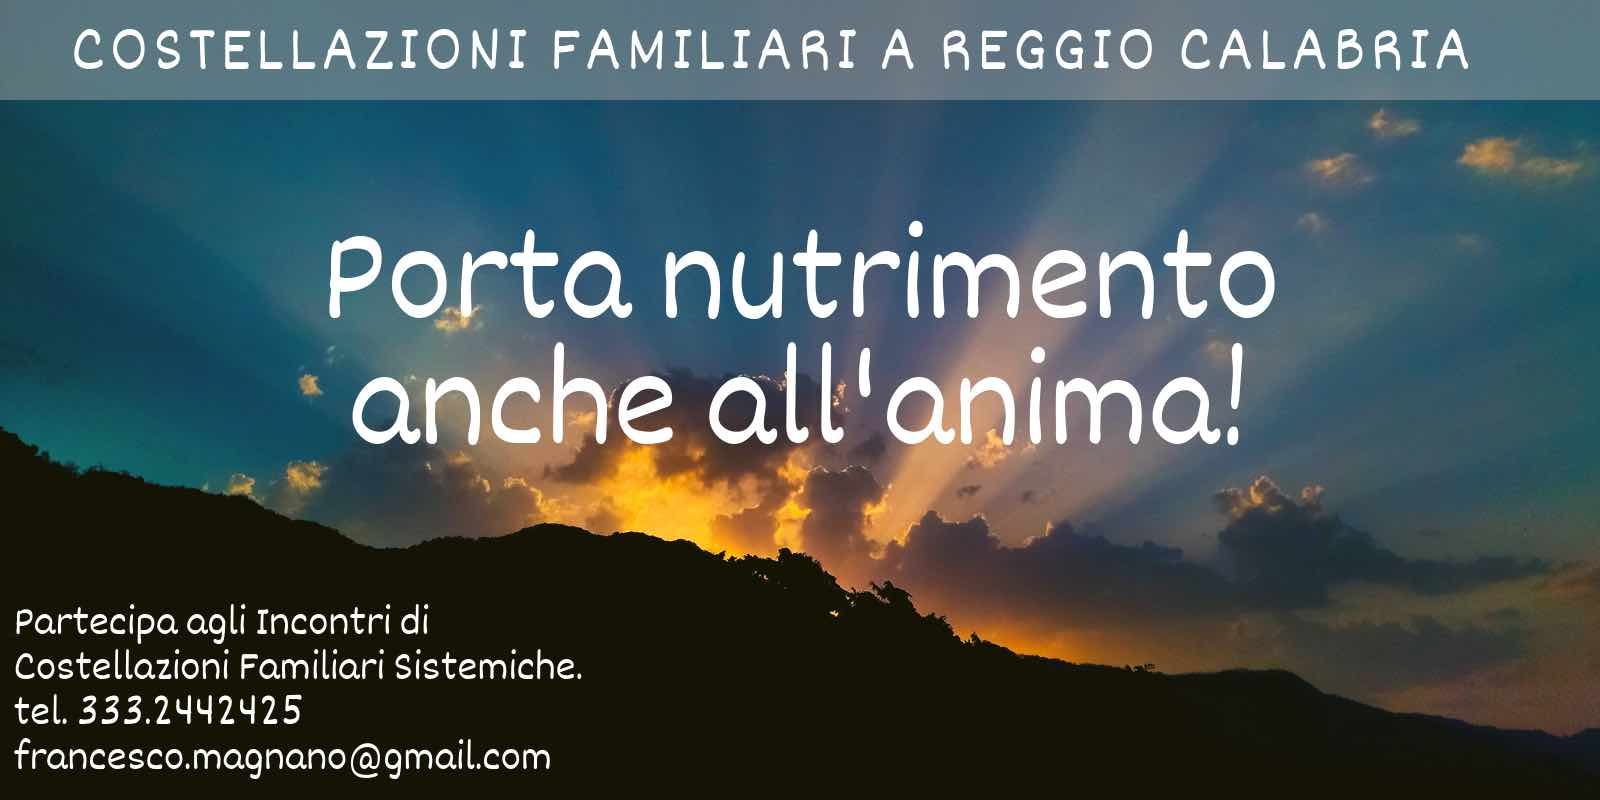 Costellazioni-Familiari-Reggio-Calabria-Magnano